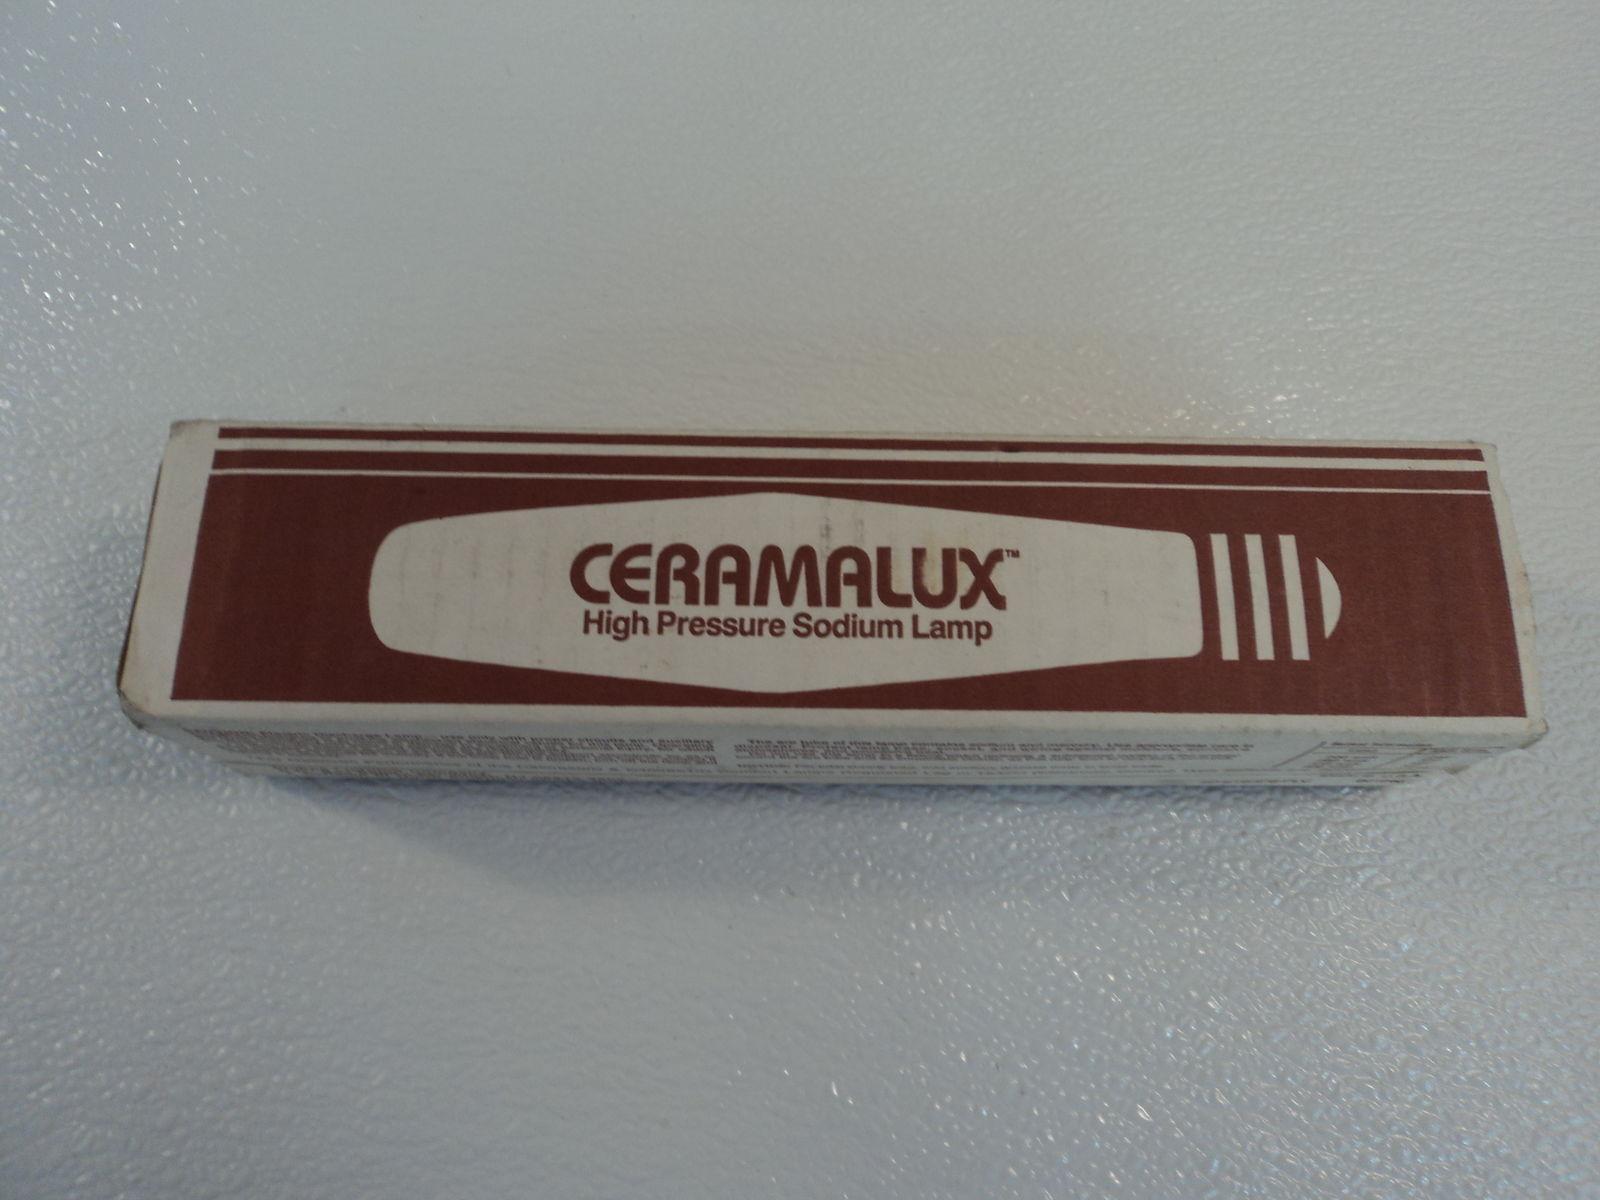 Philips 250W Ceramalux High Pressure Sodium Clear Lamp ED18 Series C250S50